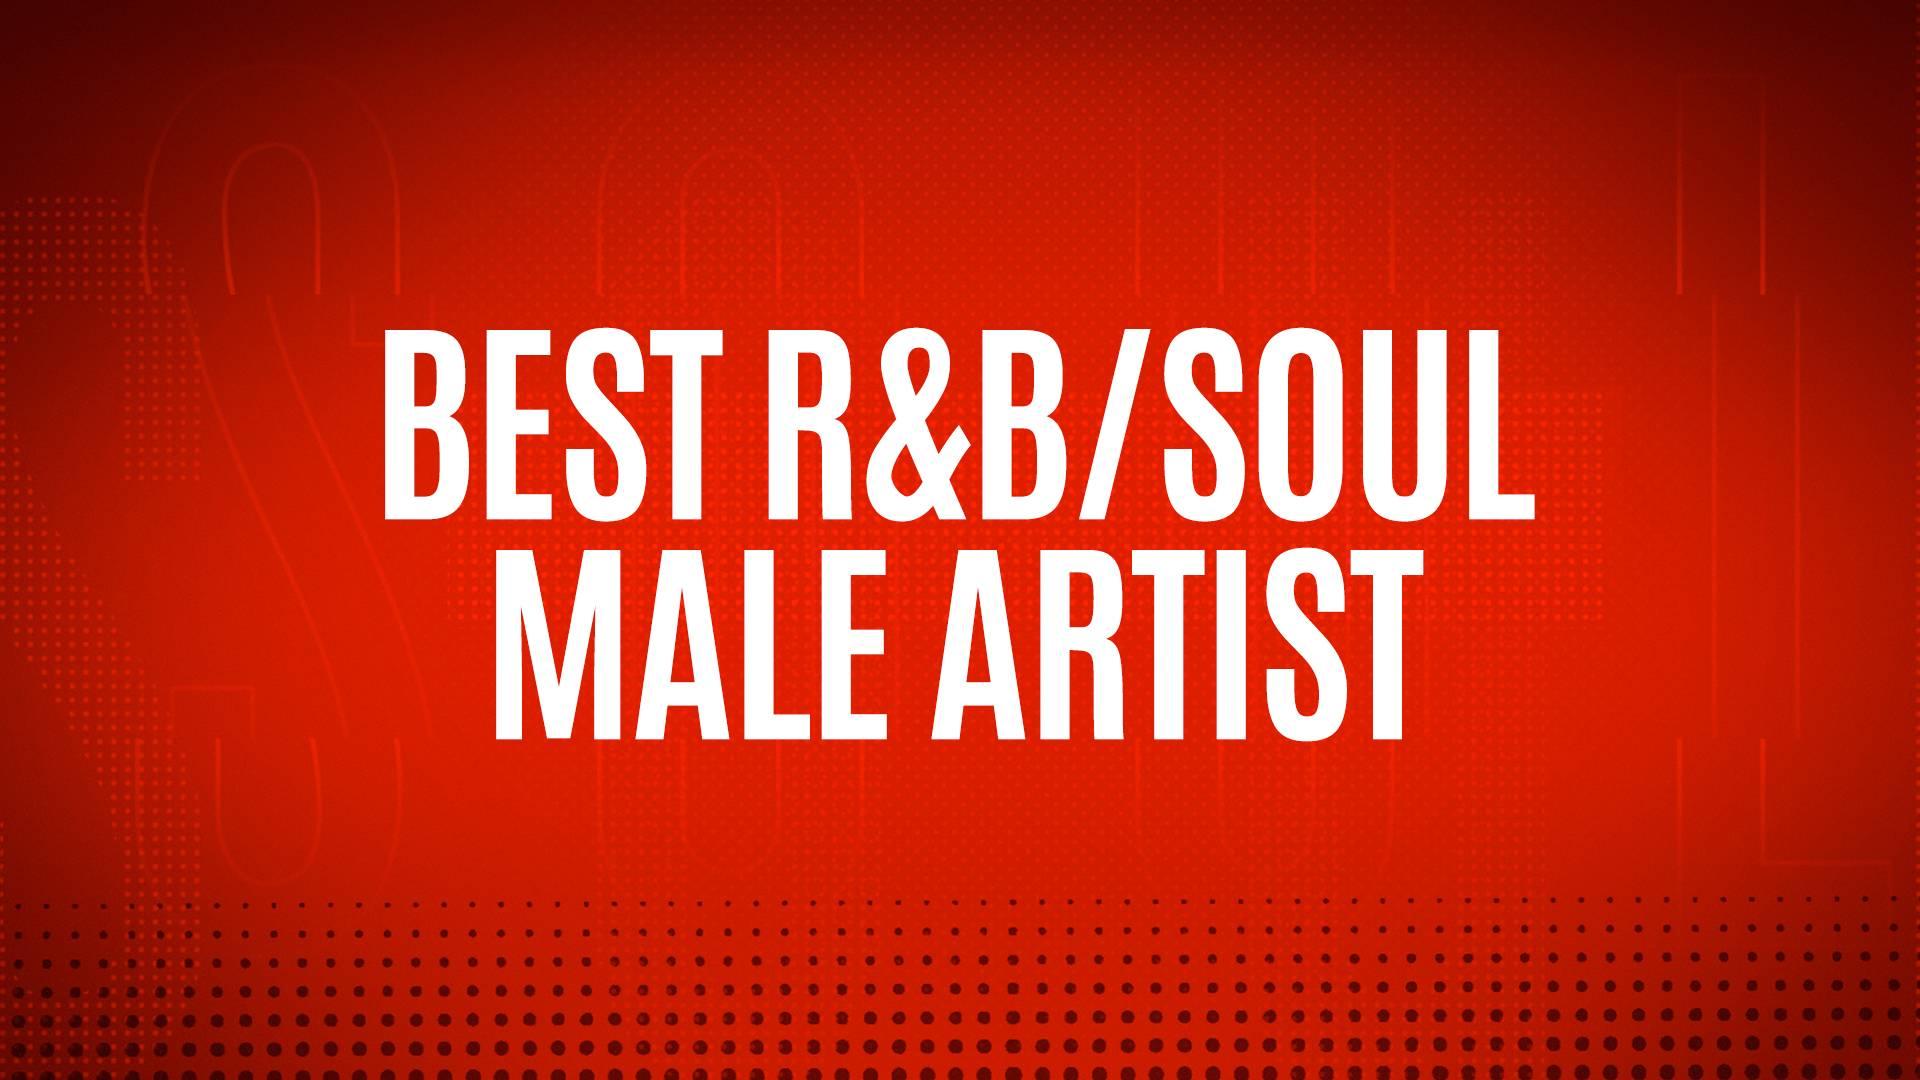 NOMINEES - BEST R&B/SOUL MALE ARTIST